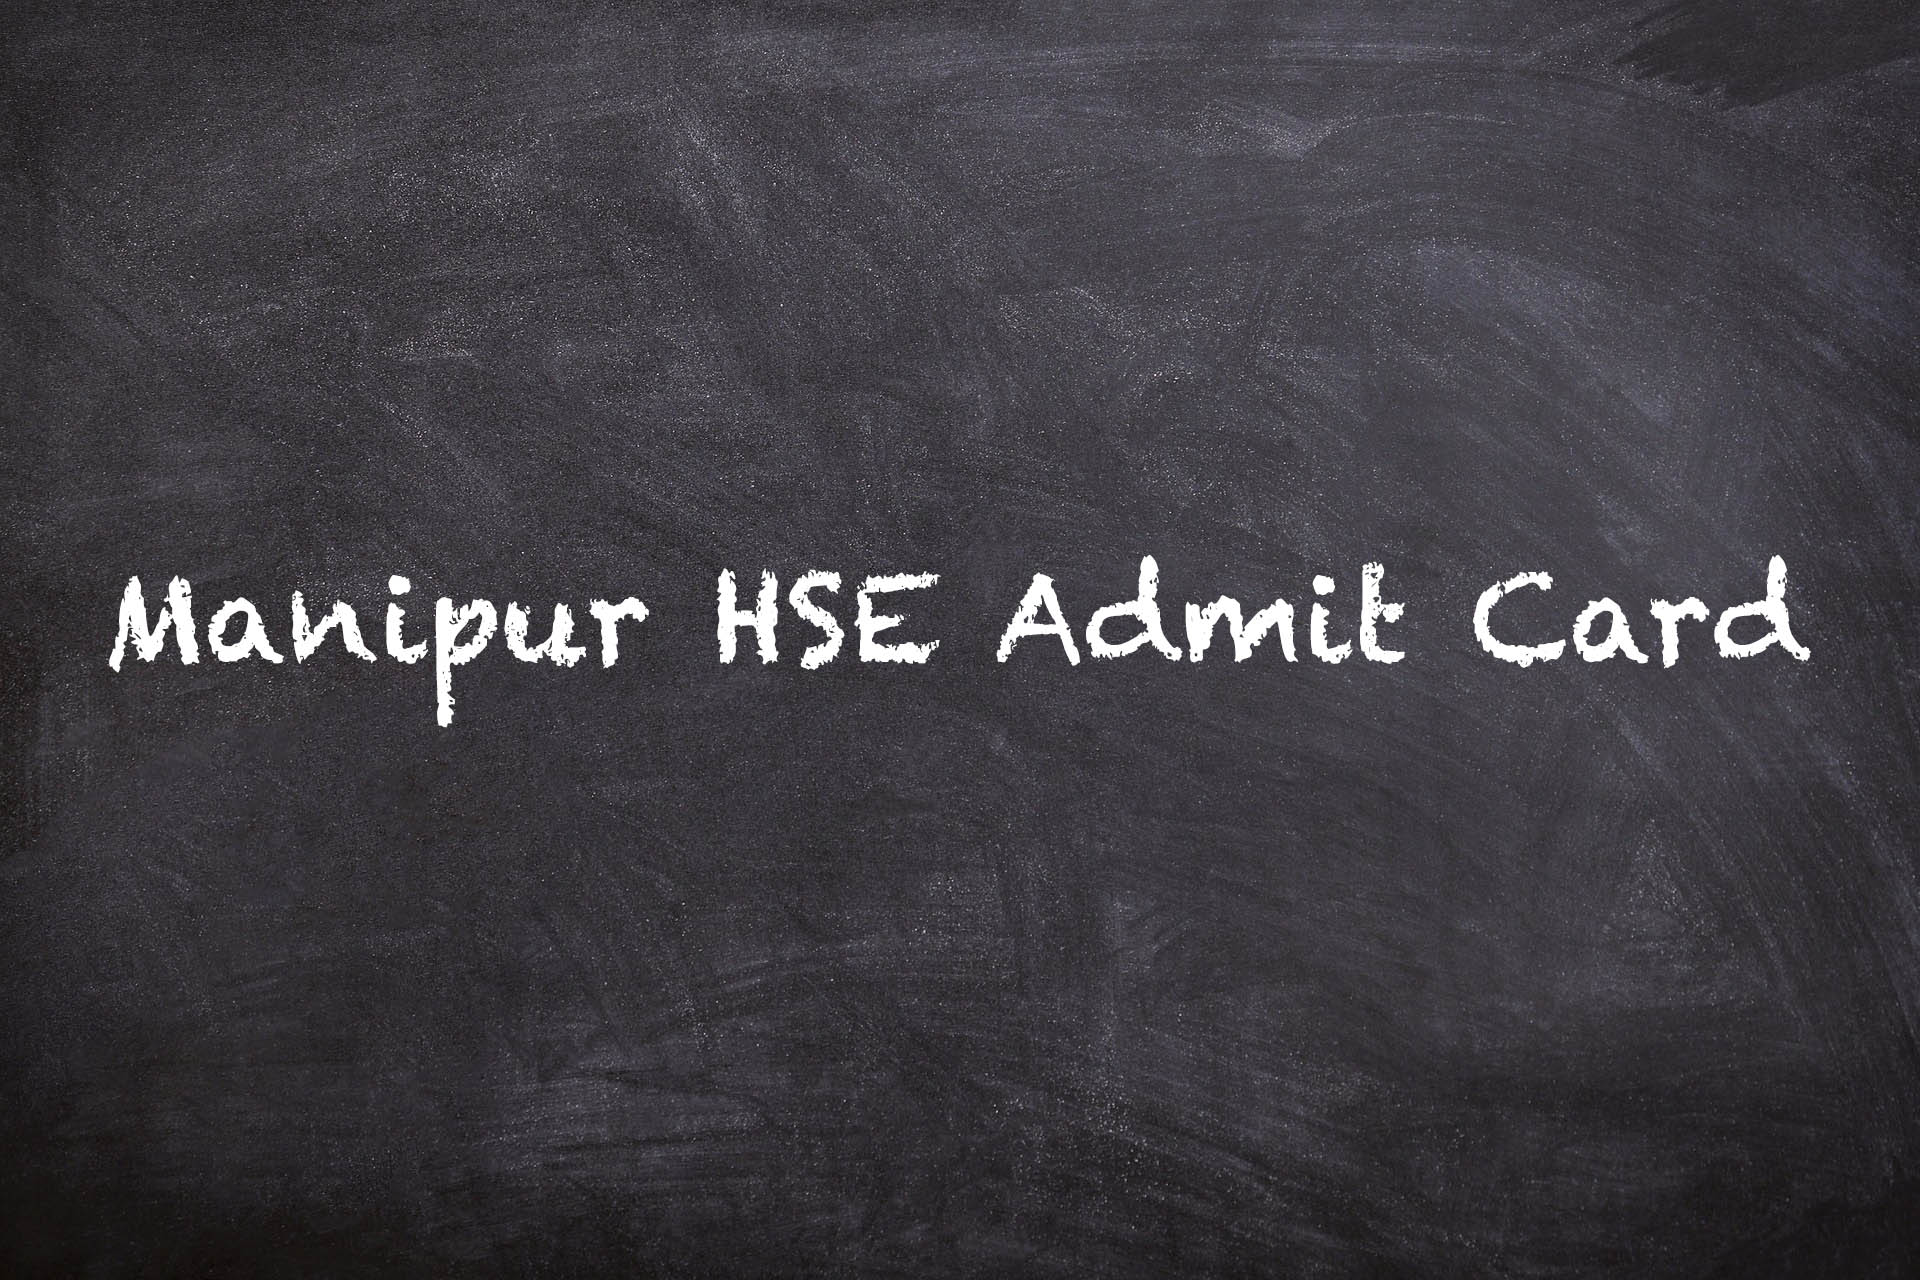 Manipur HSE Admit Card